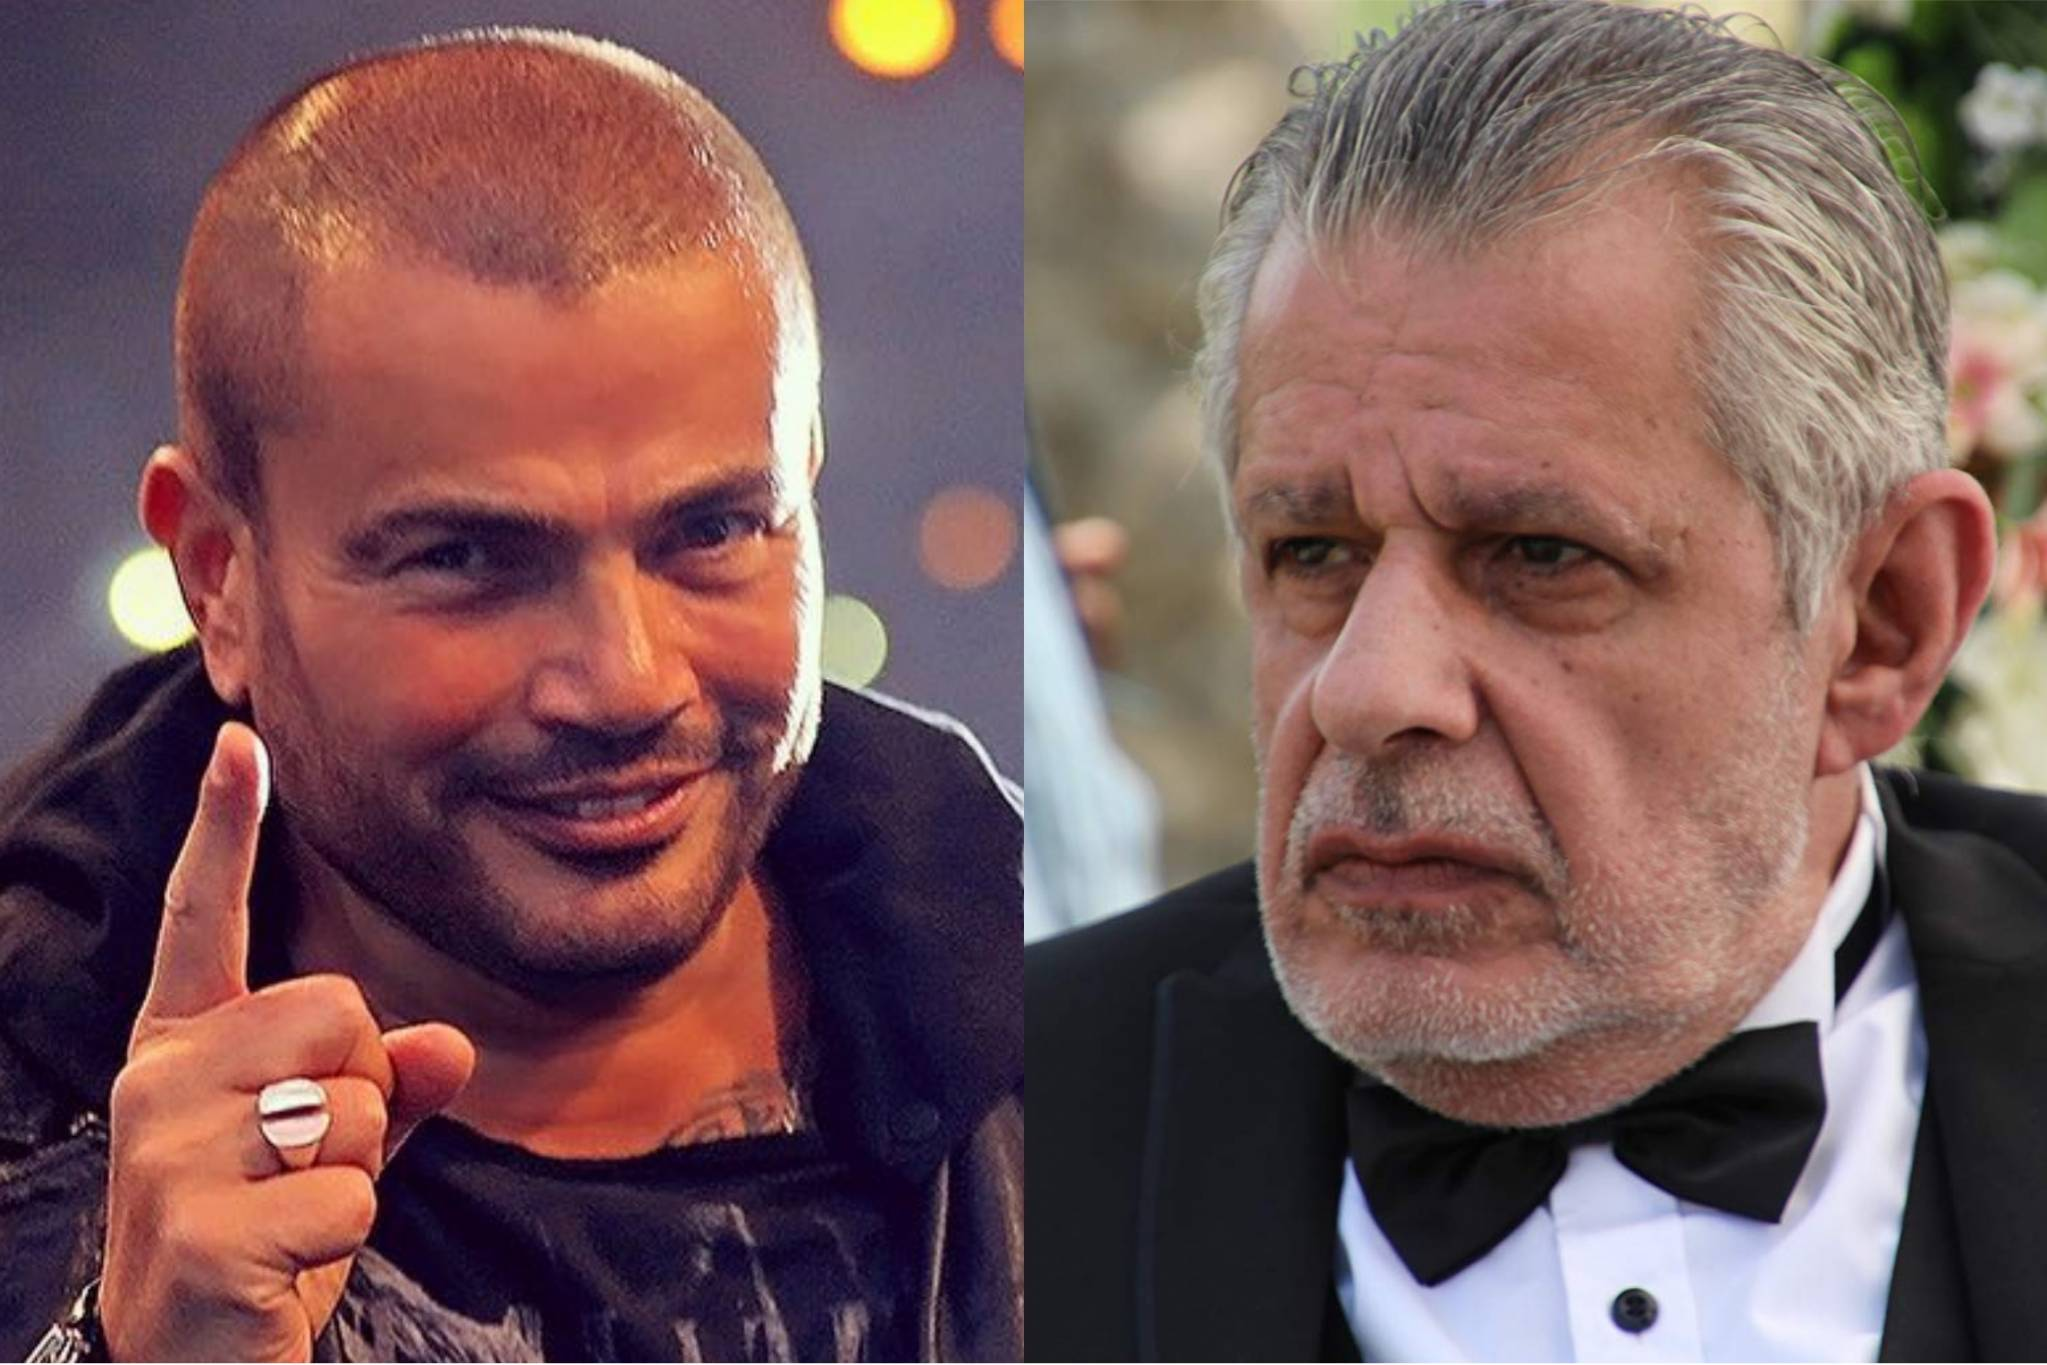 بسبب عمرو دياب... هجوم على زكي فطين عبدالوهاب: بلاش 'الهضبة'!